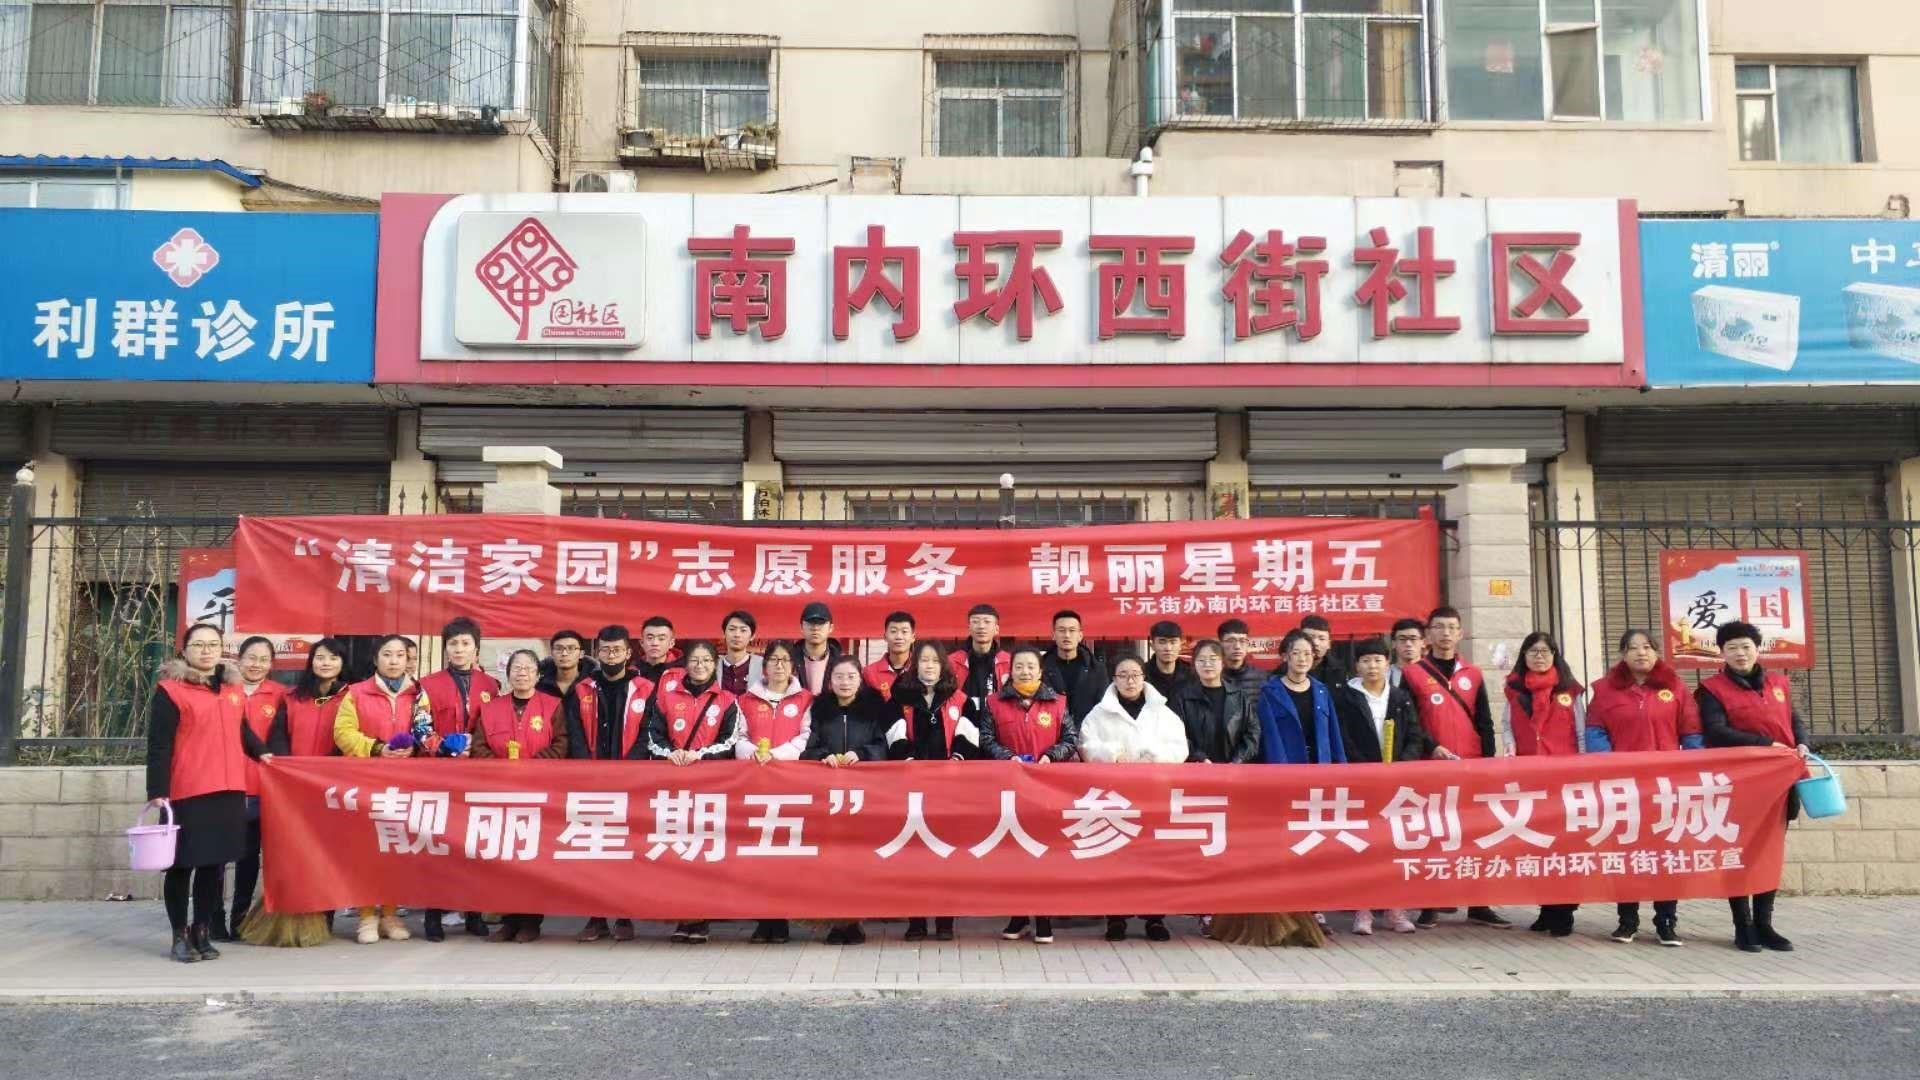 太原南内环西街社区:为居民奉献的志愿服务队